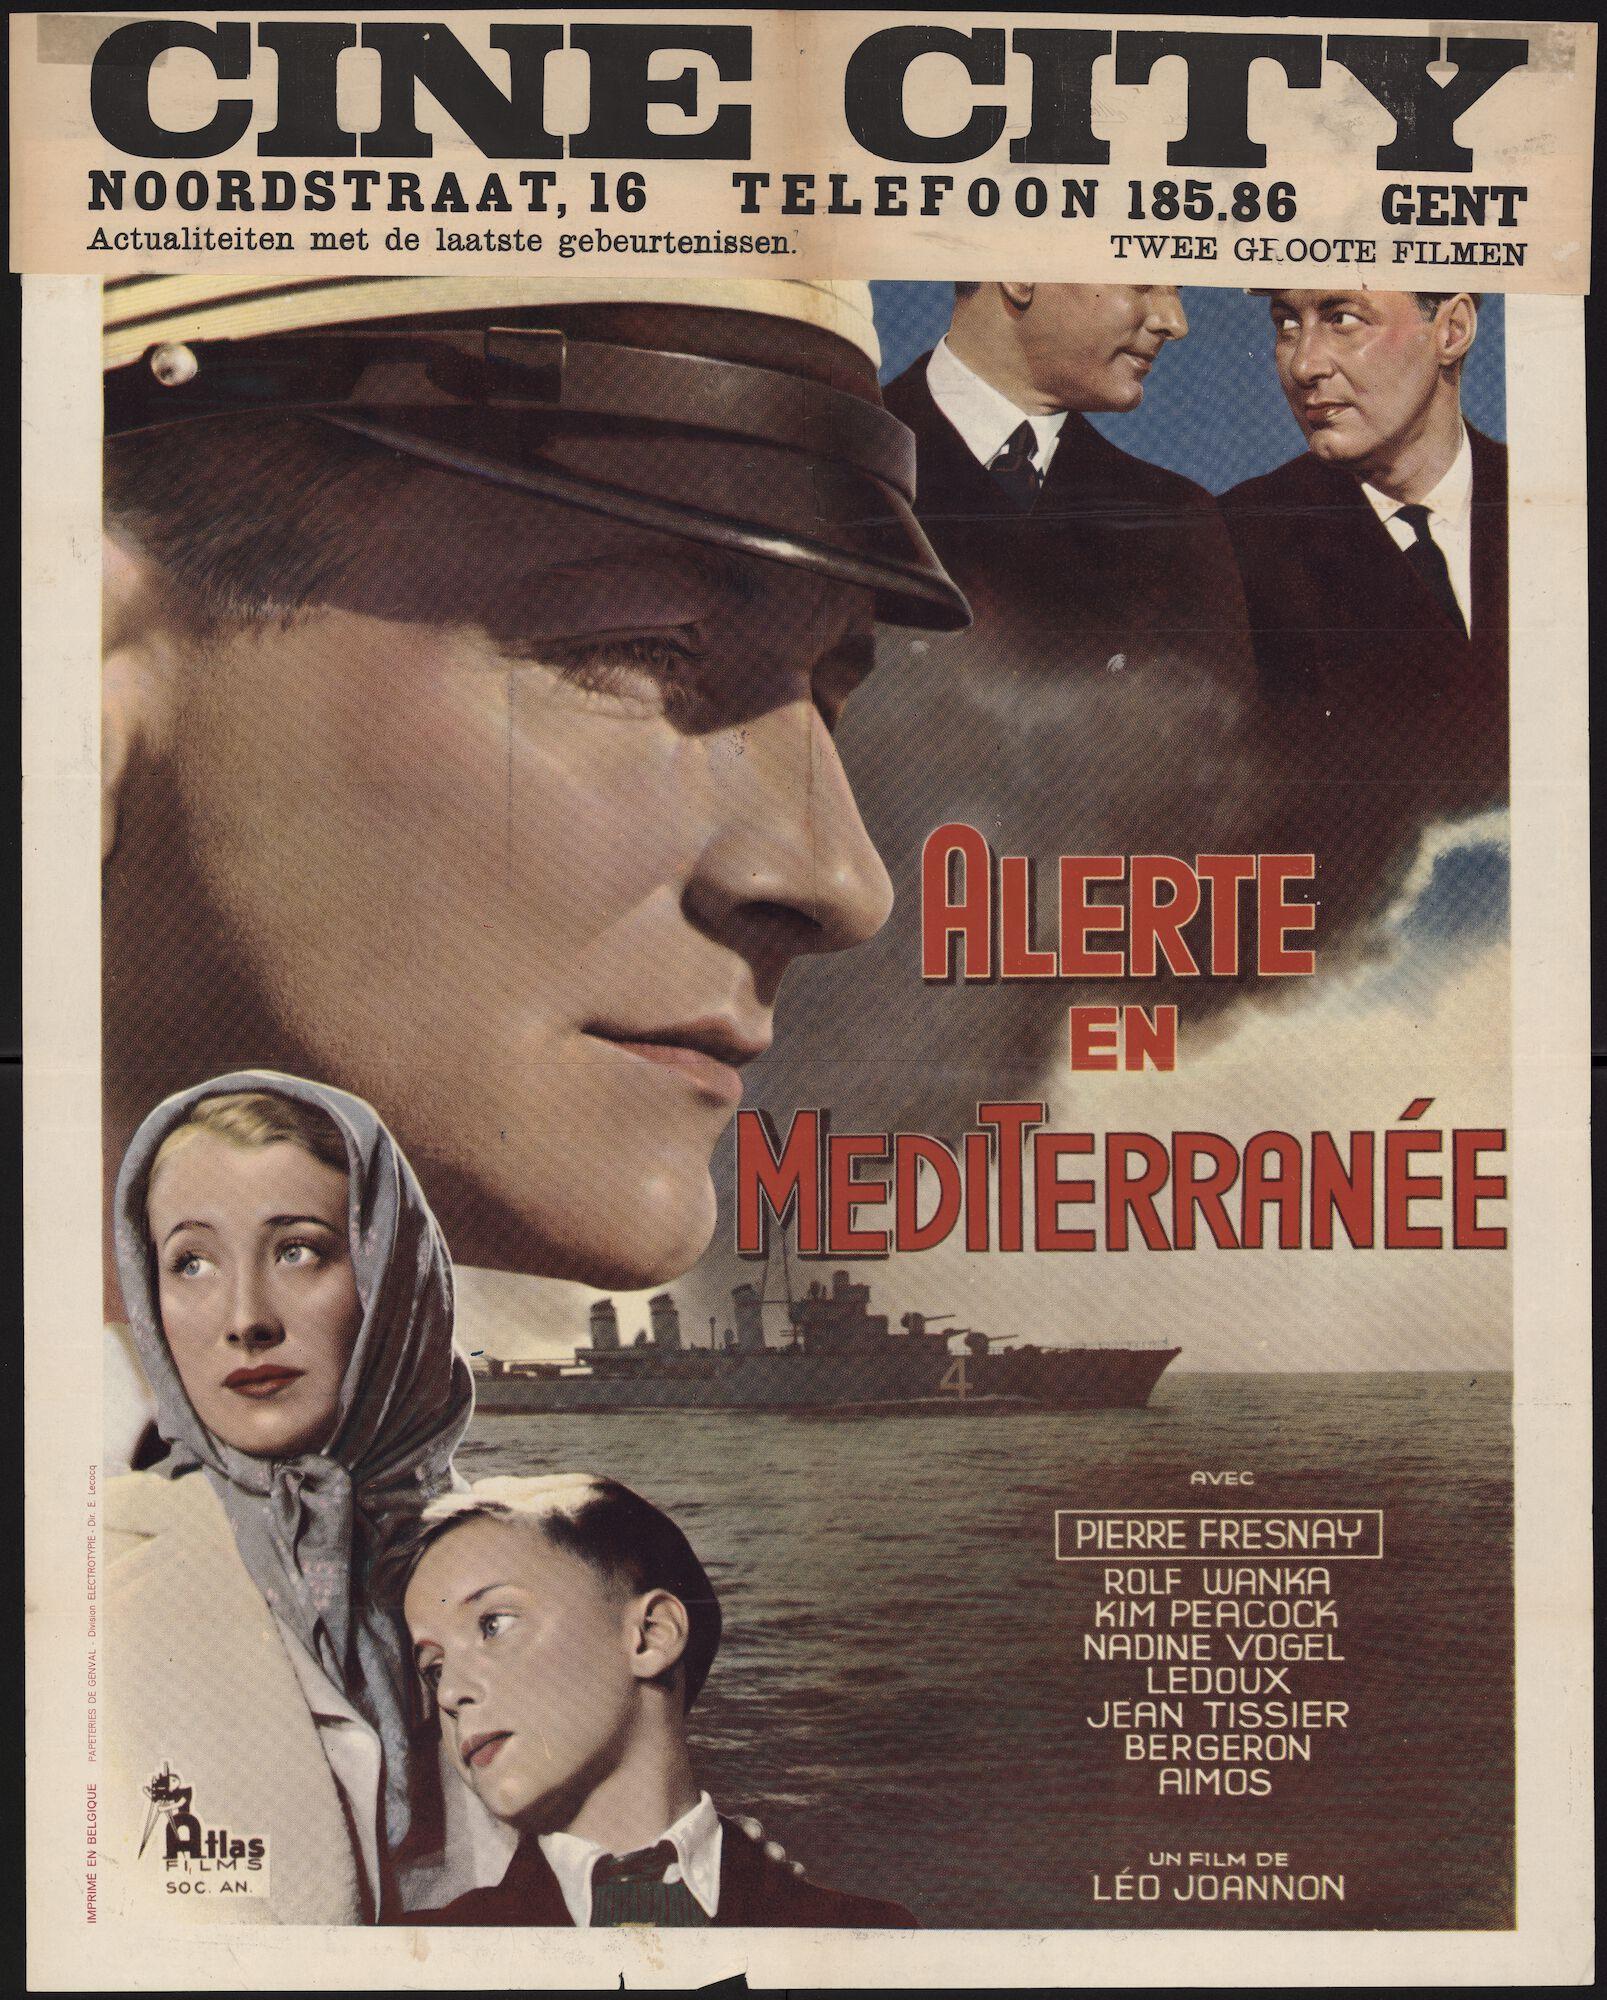 Alerte en Mediterranée, Cine City, Gent, september 1939